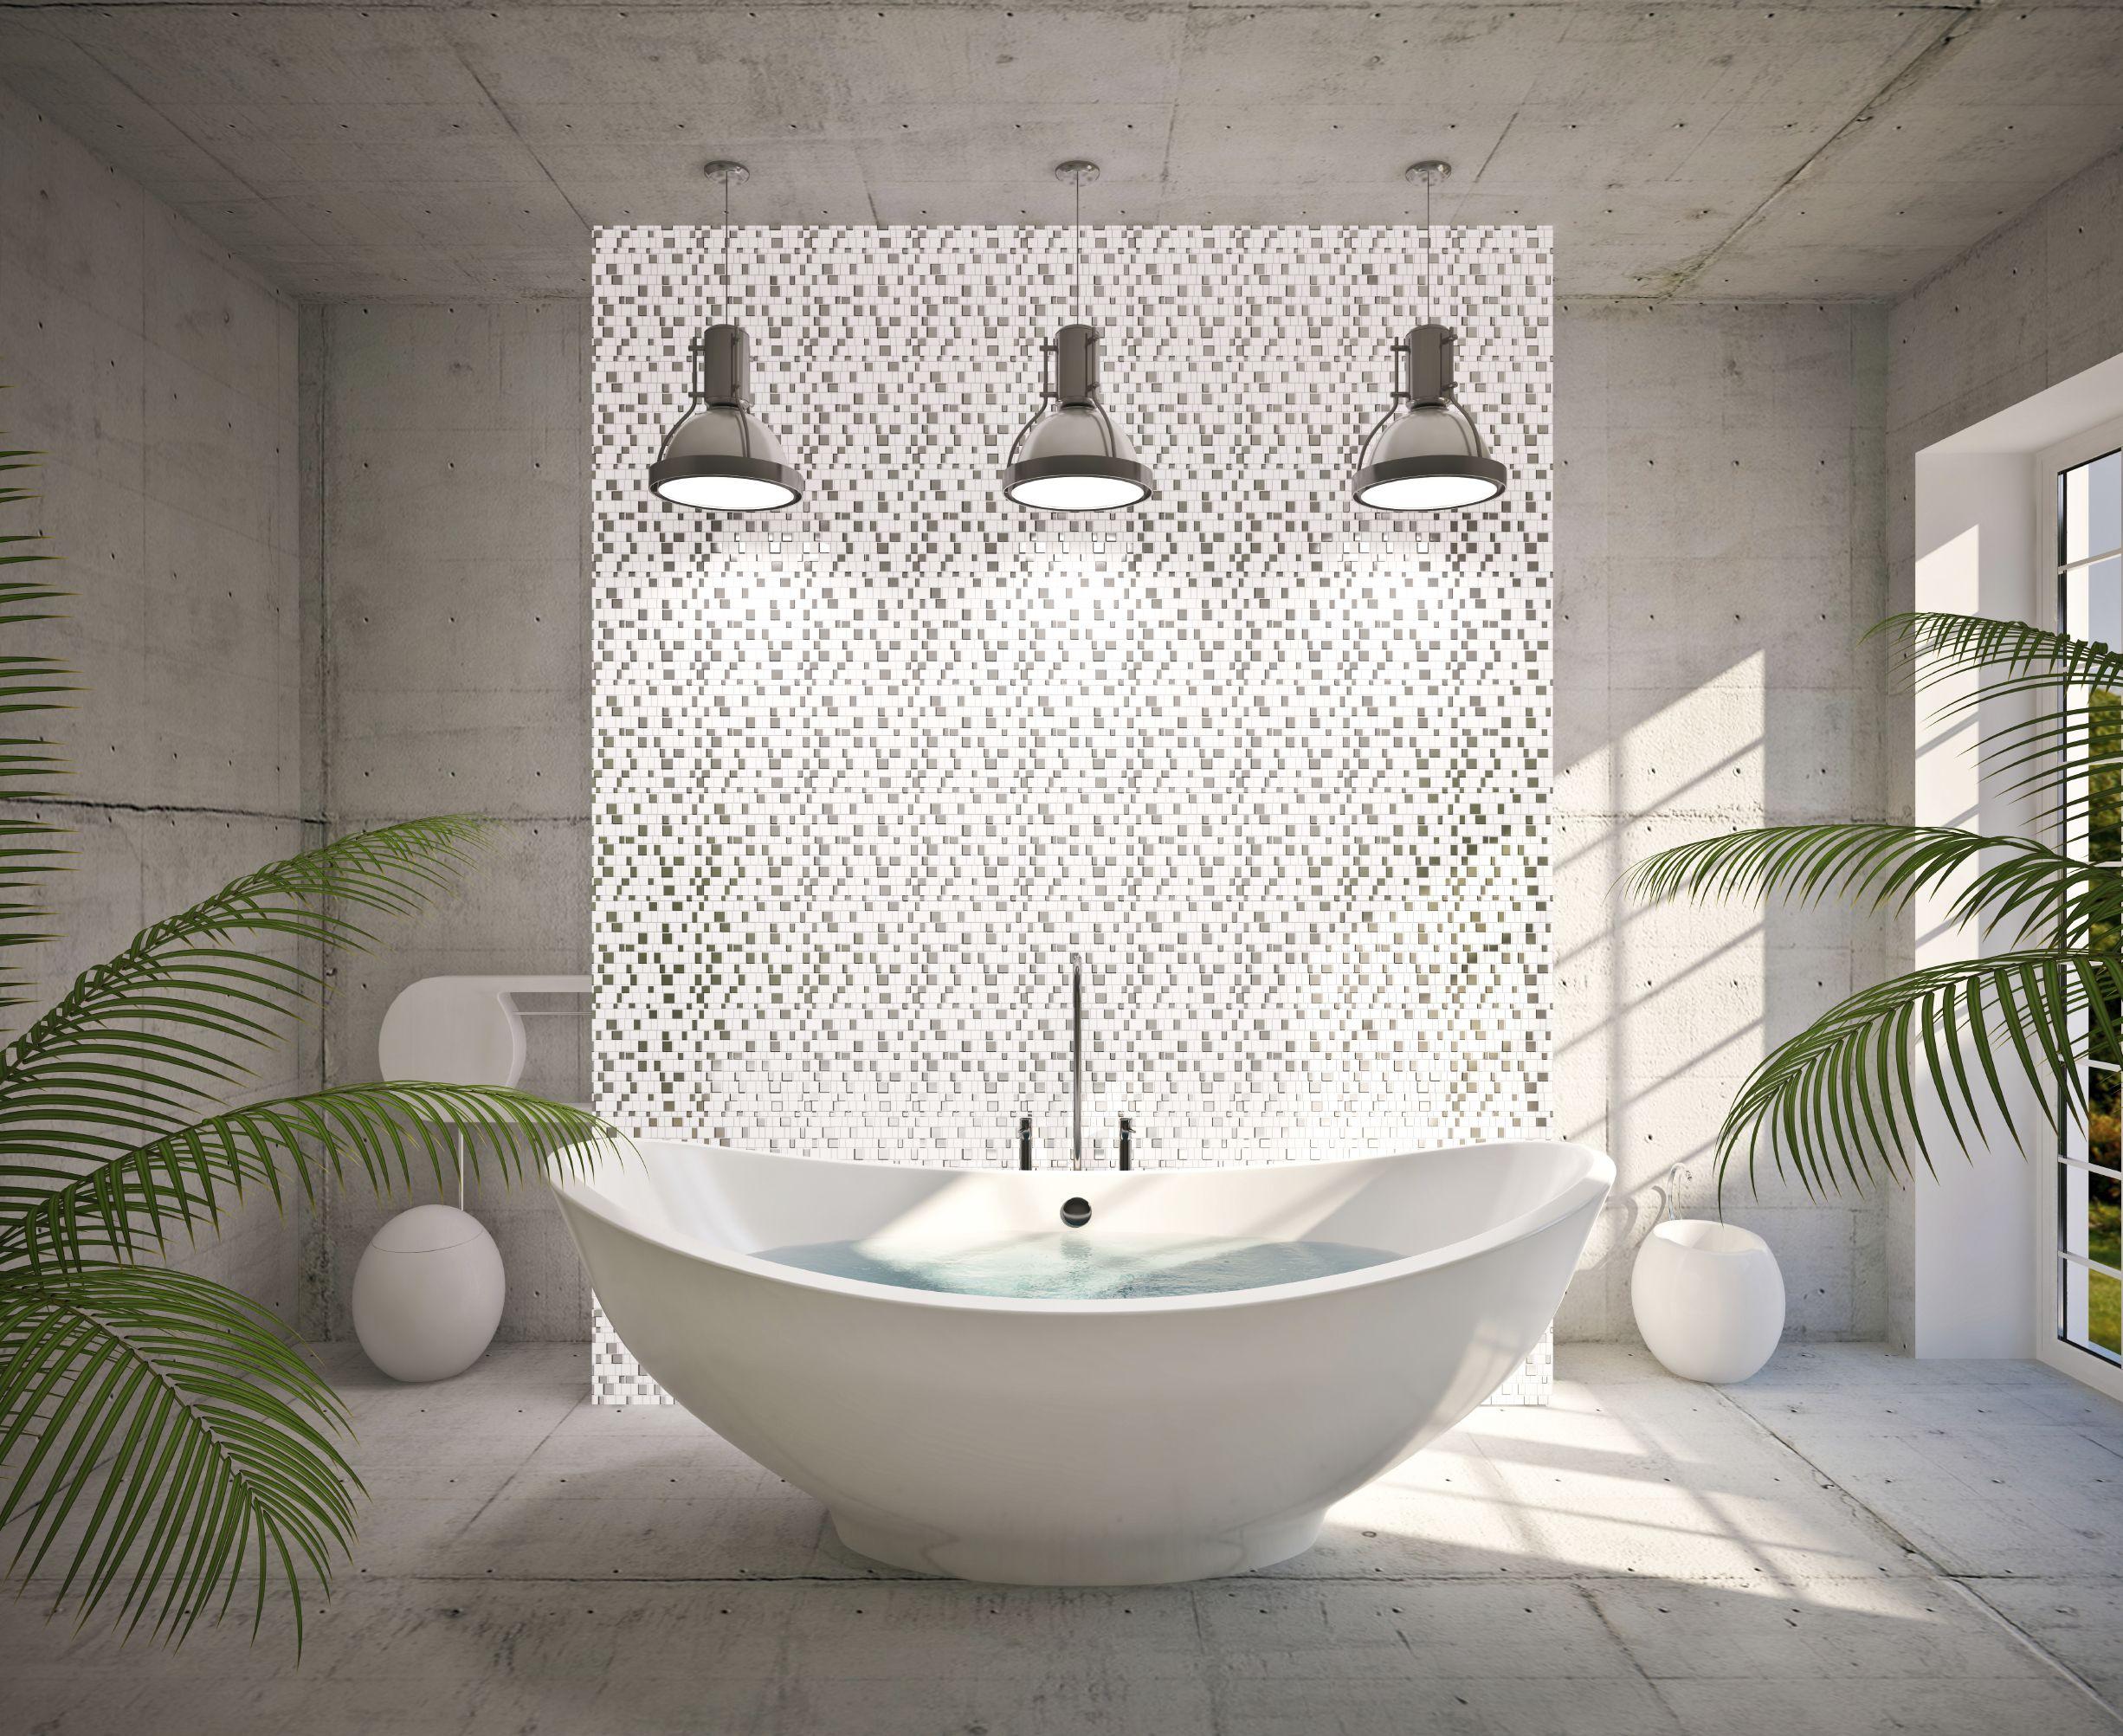 Badezimmer Artikel 7 badezimmerartikel die sie sofort wegschmeissen sollten homegate